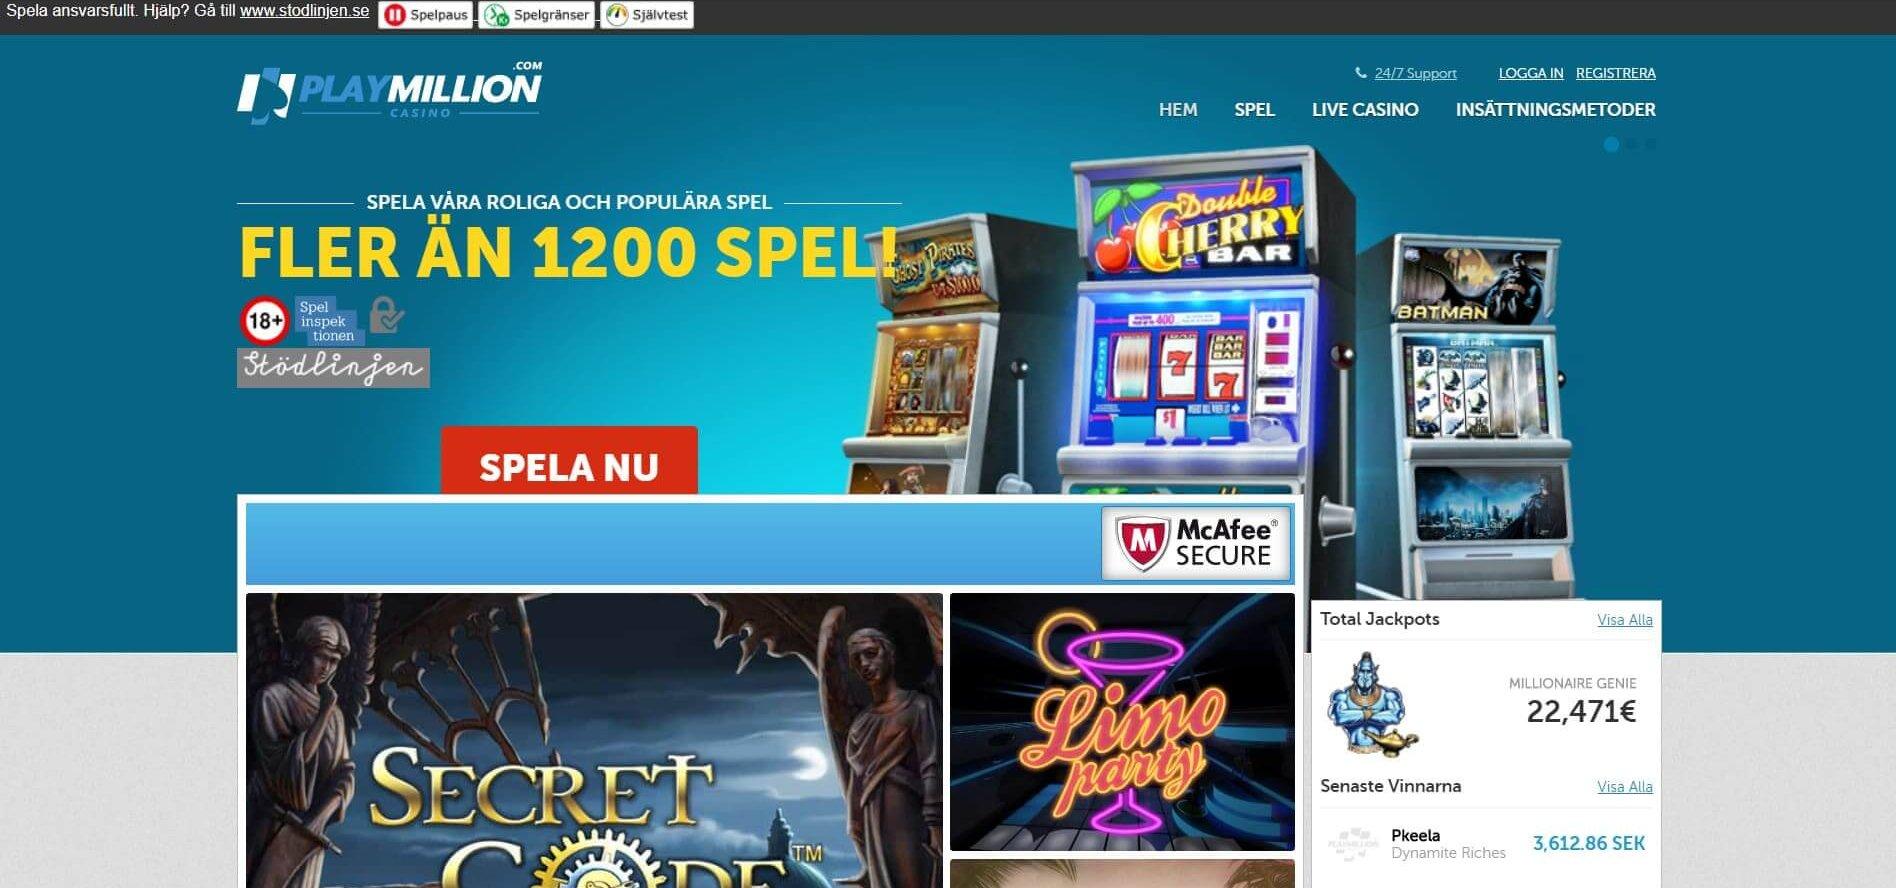 PlayMillion är ett informativt online casino